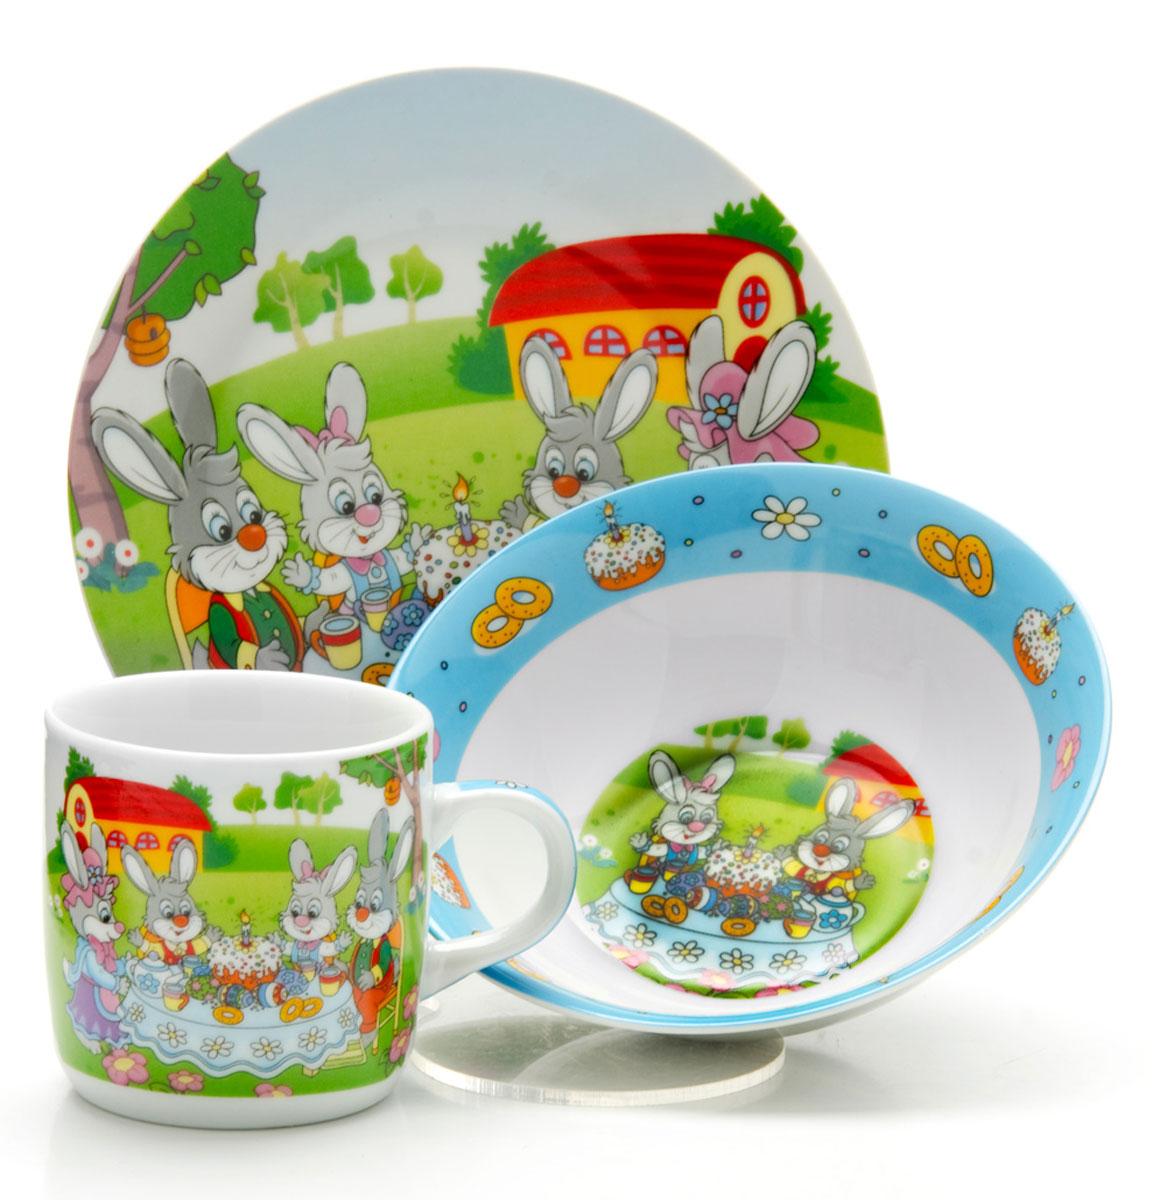 Набор детской посуды Loraine Зайчики, 3 предмета набор посуды loraine фея lr 24026 3 предмета детский